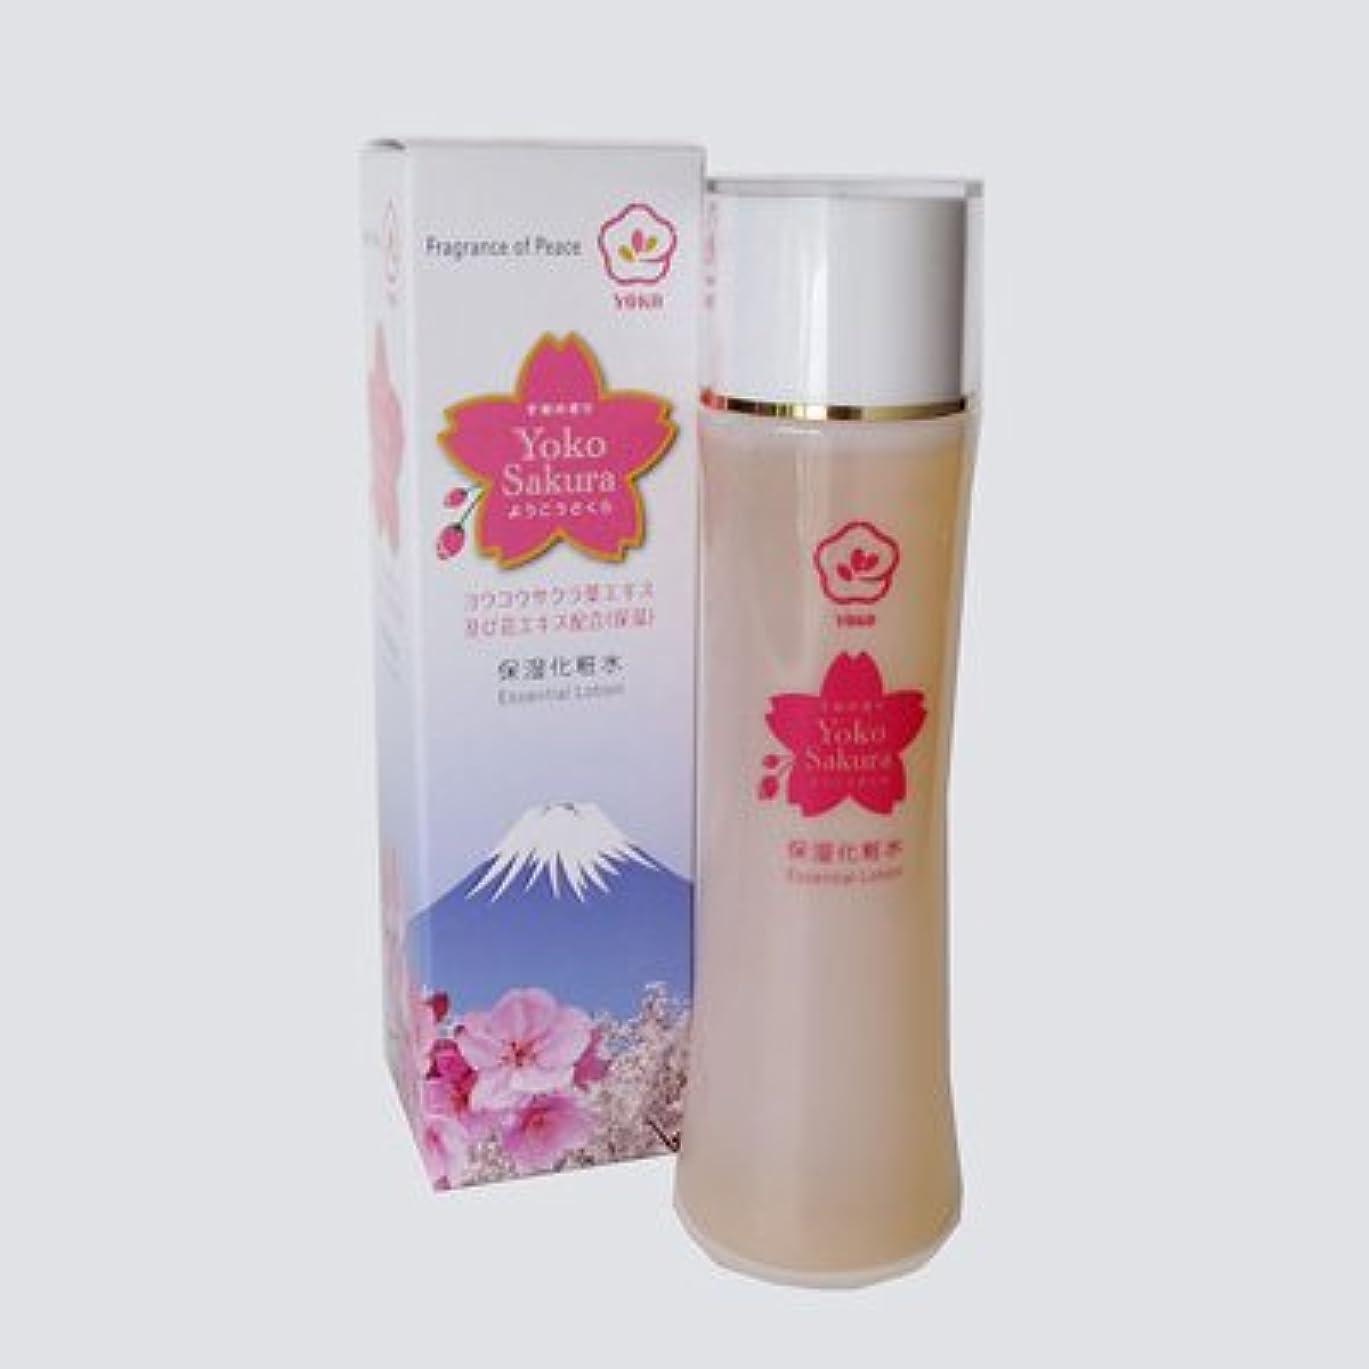 バースとげ安定しました陽光ローション(保湿化粧水) 陽光桜のエキス配合の保湿化粧水。敏感肌の方にもどうぞ